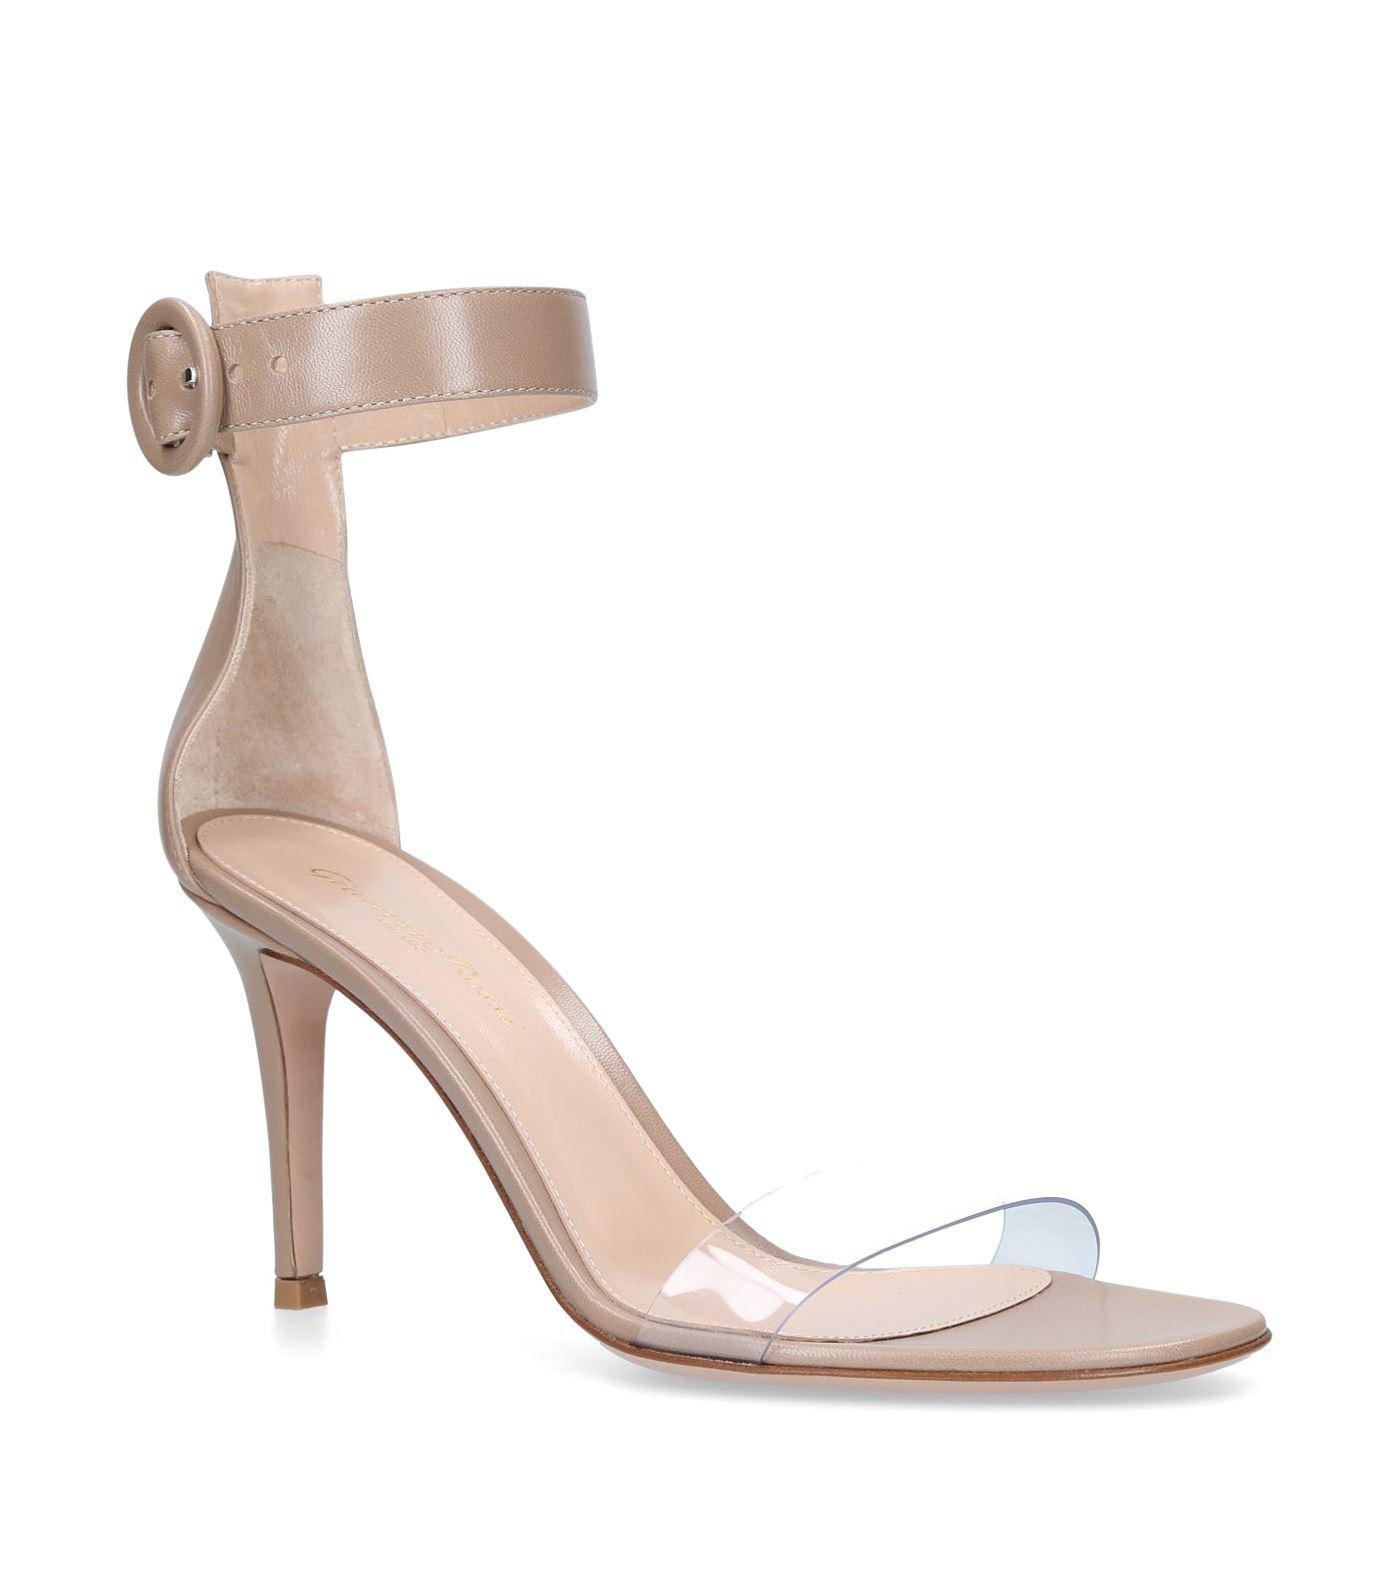 Stella 85 suede sandals Gianvito Rossi hIjJMkFv